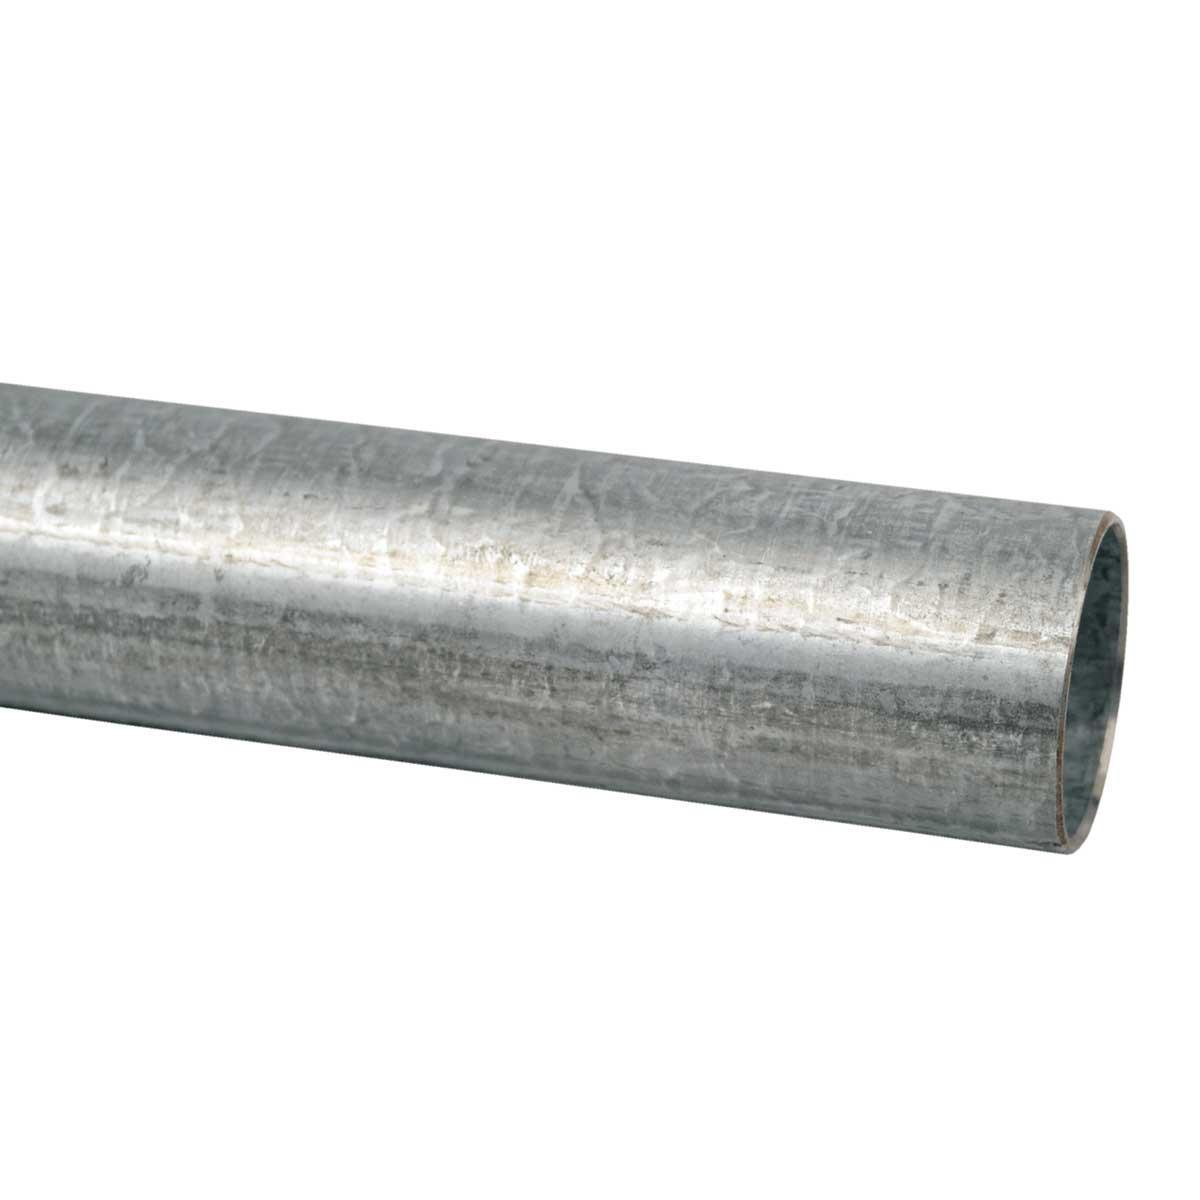 Труба металева (внутрішній d- 47,6 мм) ; з різьбовою муфтою;; сталь оцинкована шар цинку 60-100мкм стійкість корозії- 4 кат.; упаковка 15 шт